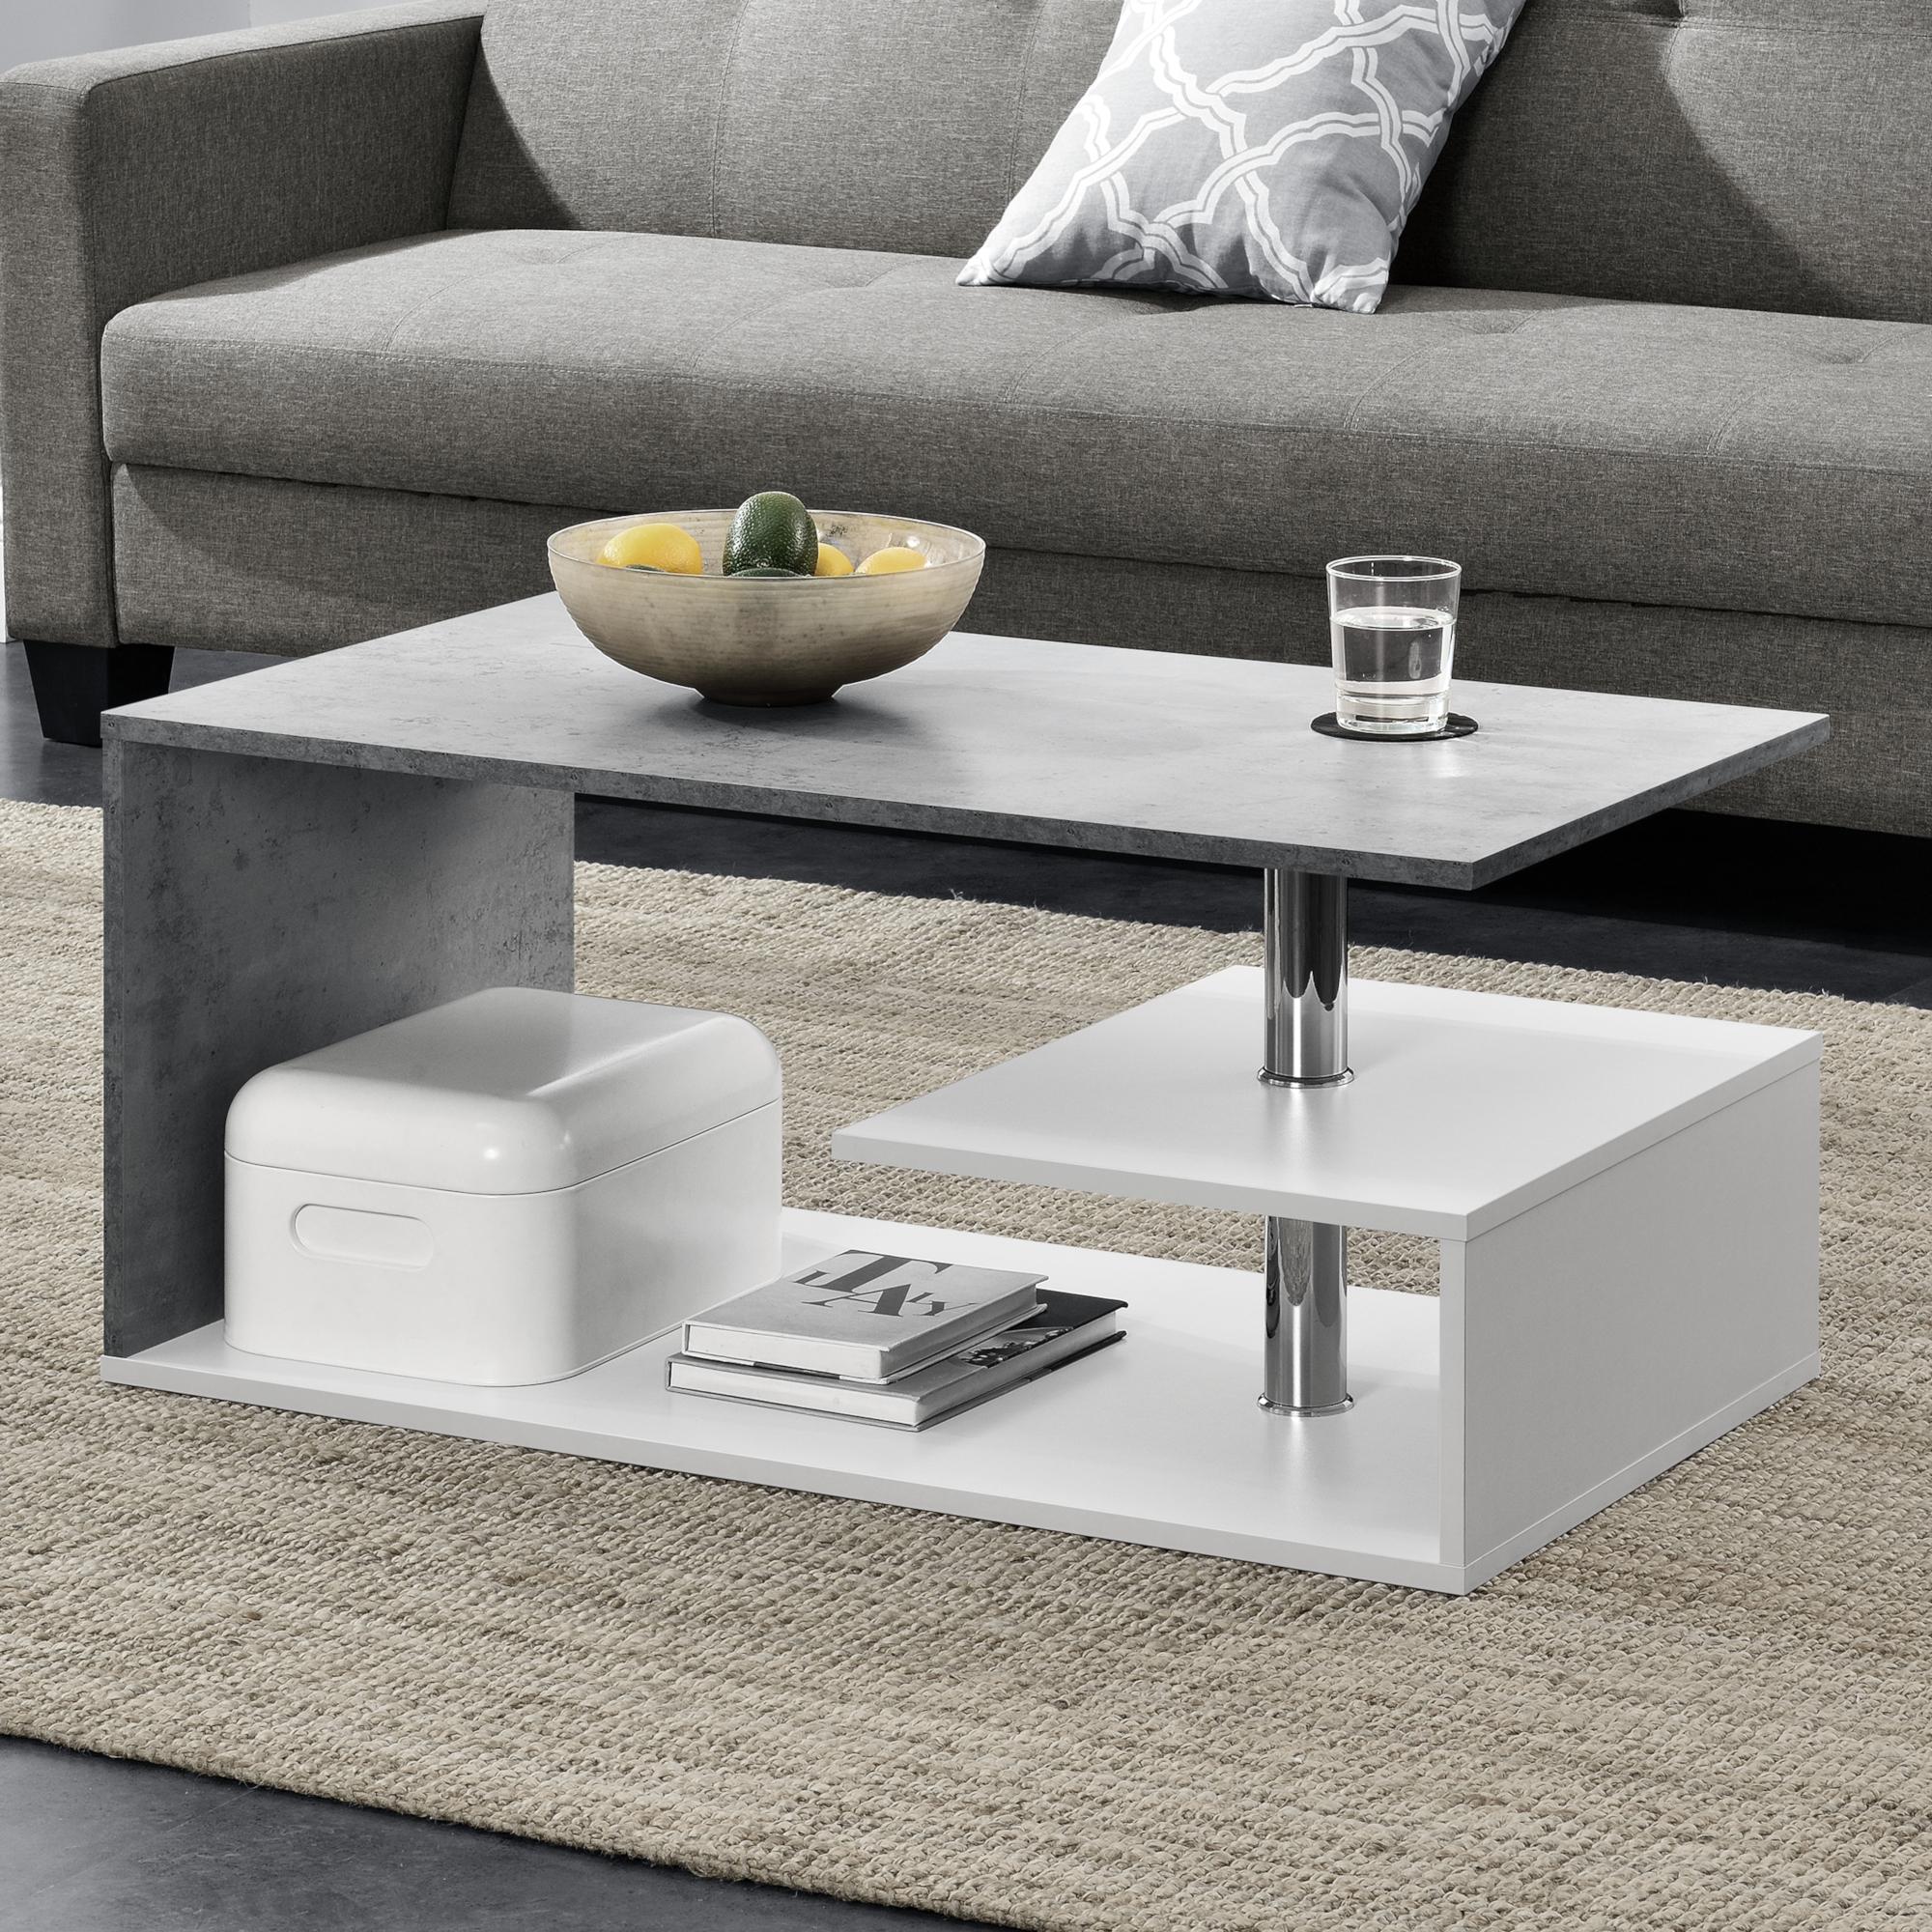 Details zu [en.casa] Couchtisch Tisch Beistelltisch Wohnzimmertisch Sofatisch Kaffeetisch